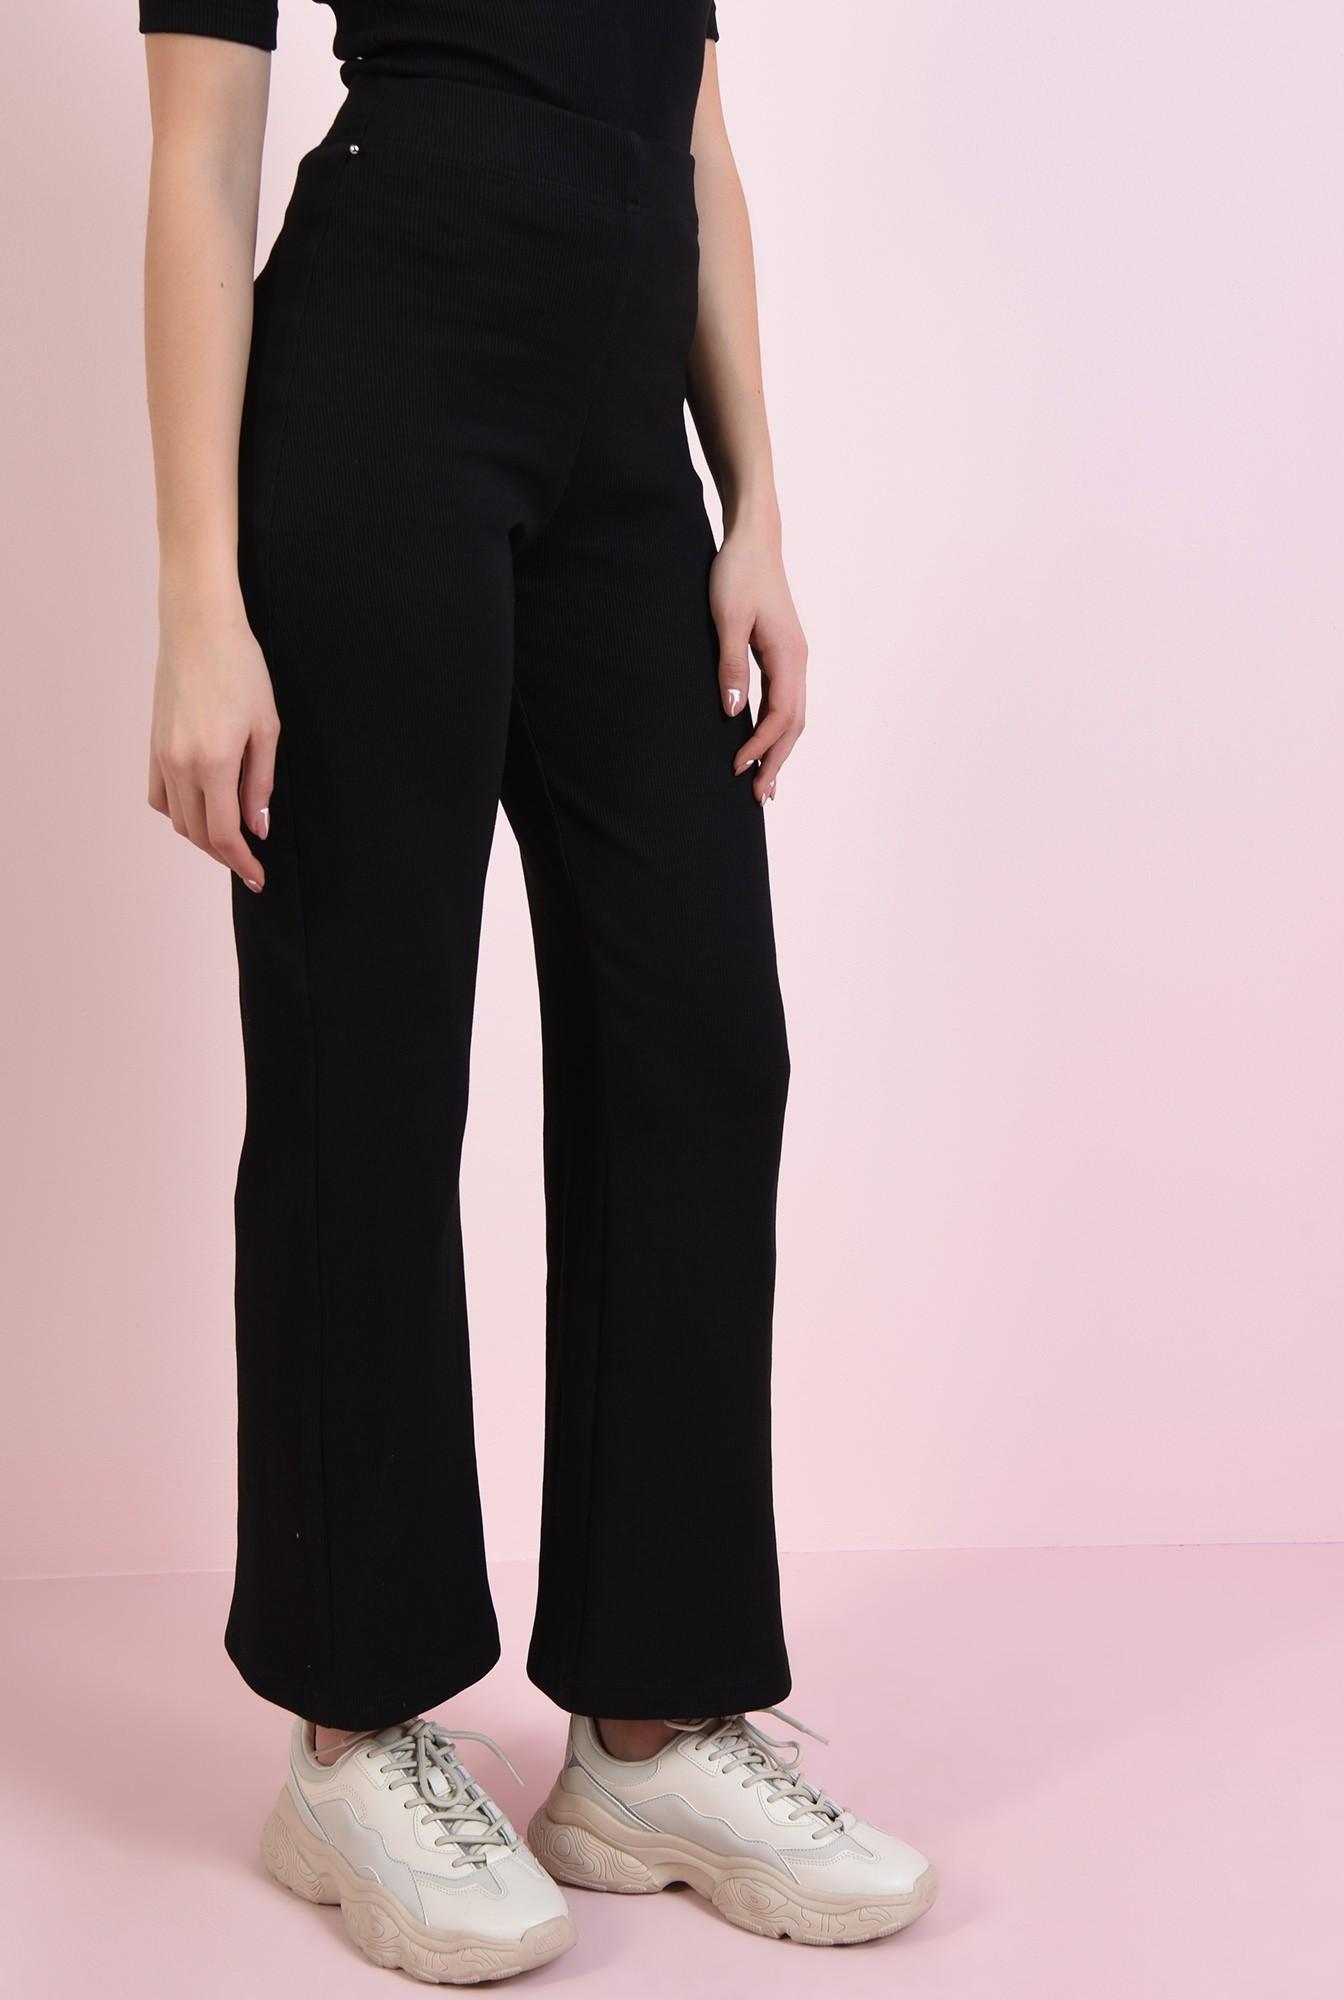 2 - pantaloni casual, culotte, Poema